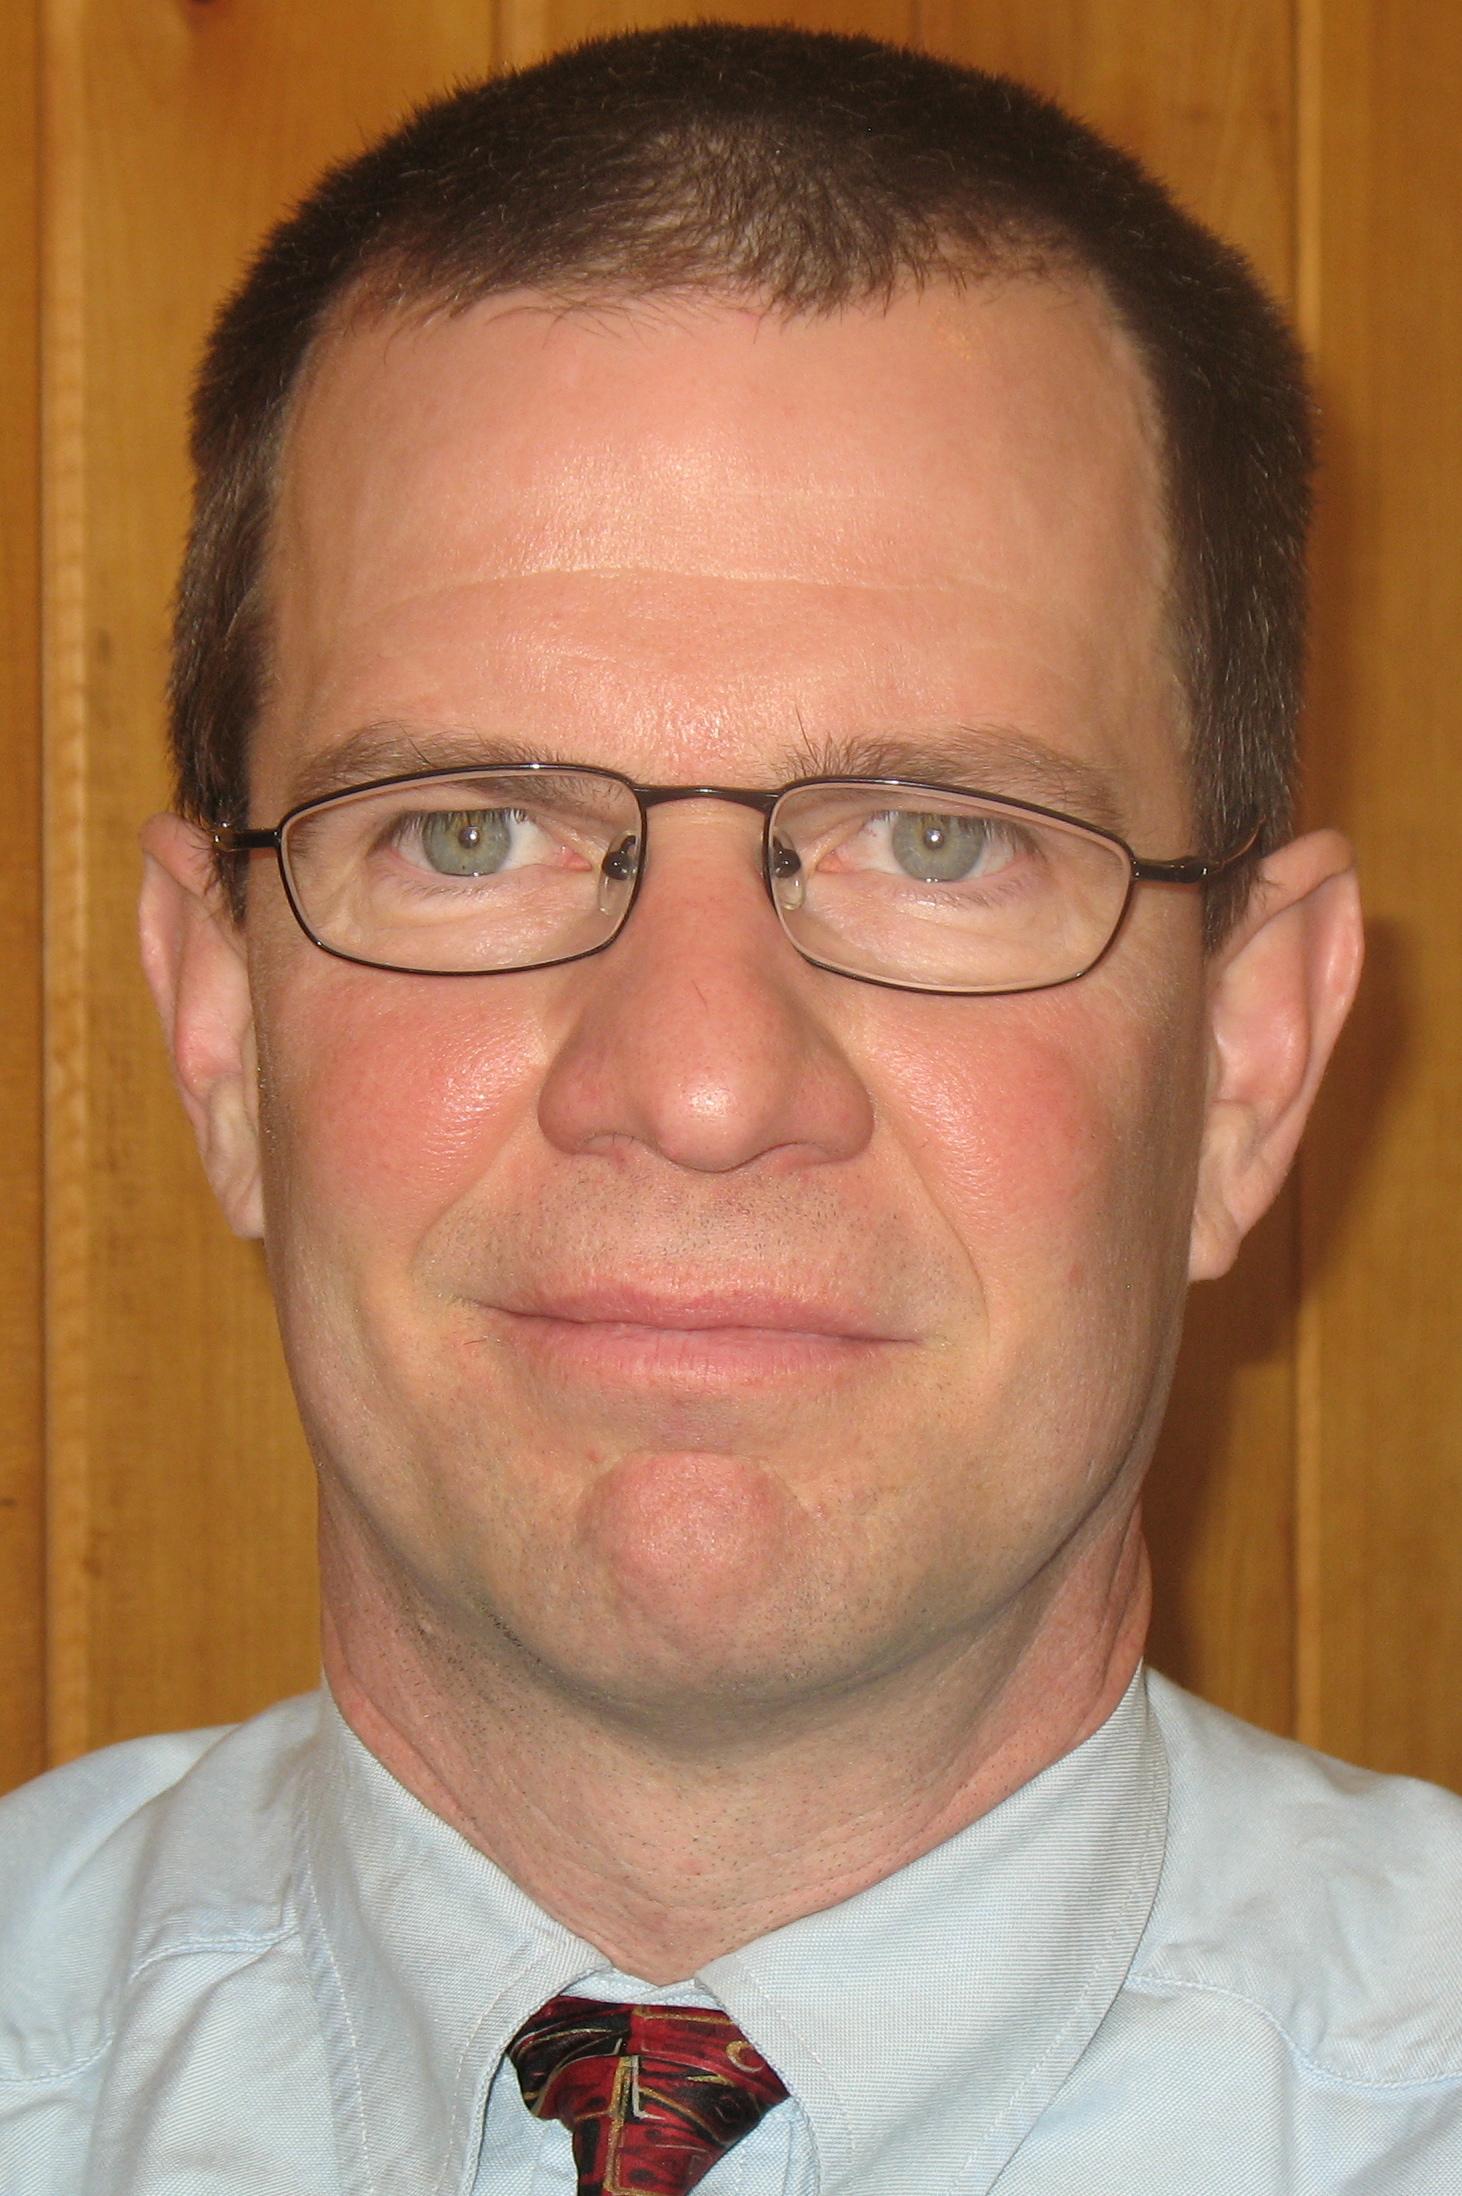 Joseph Hamon